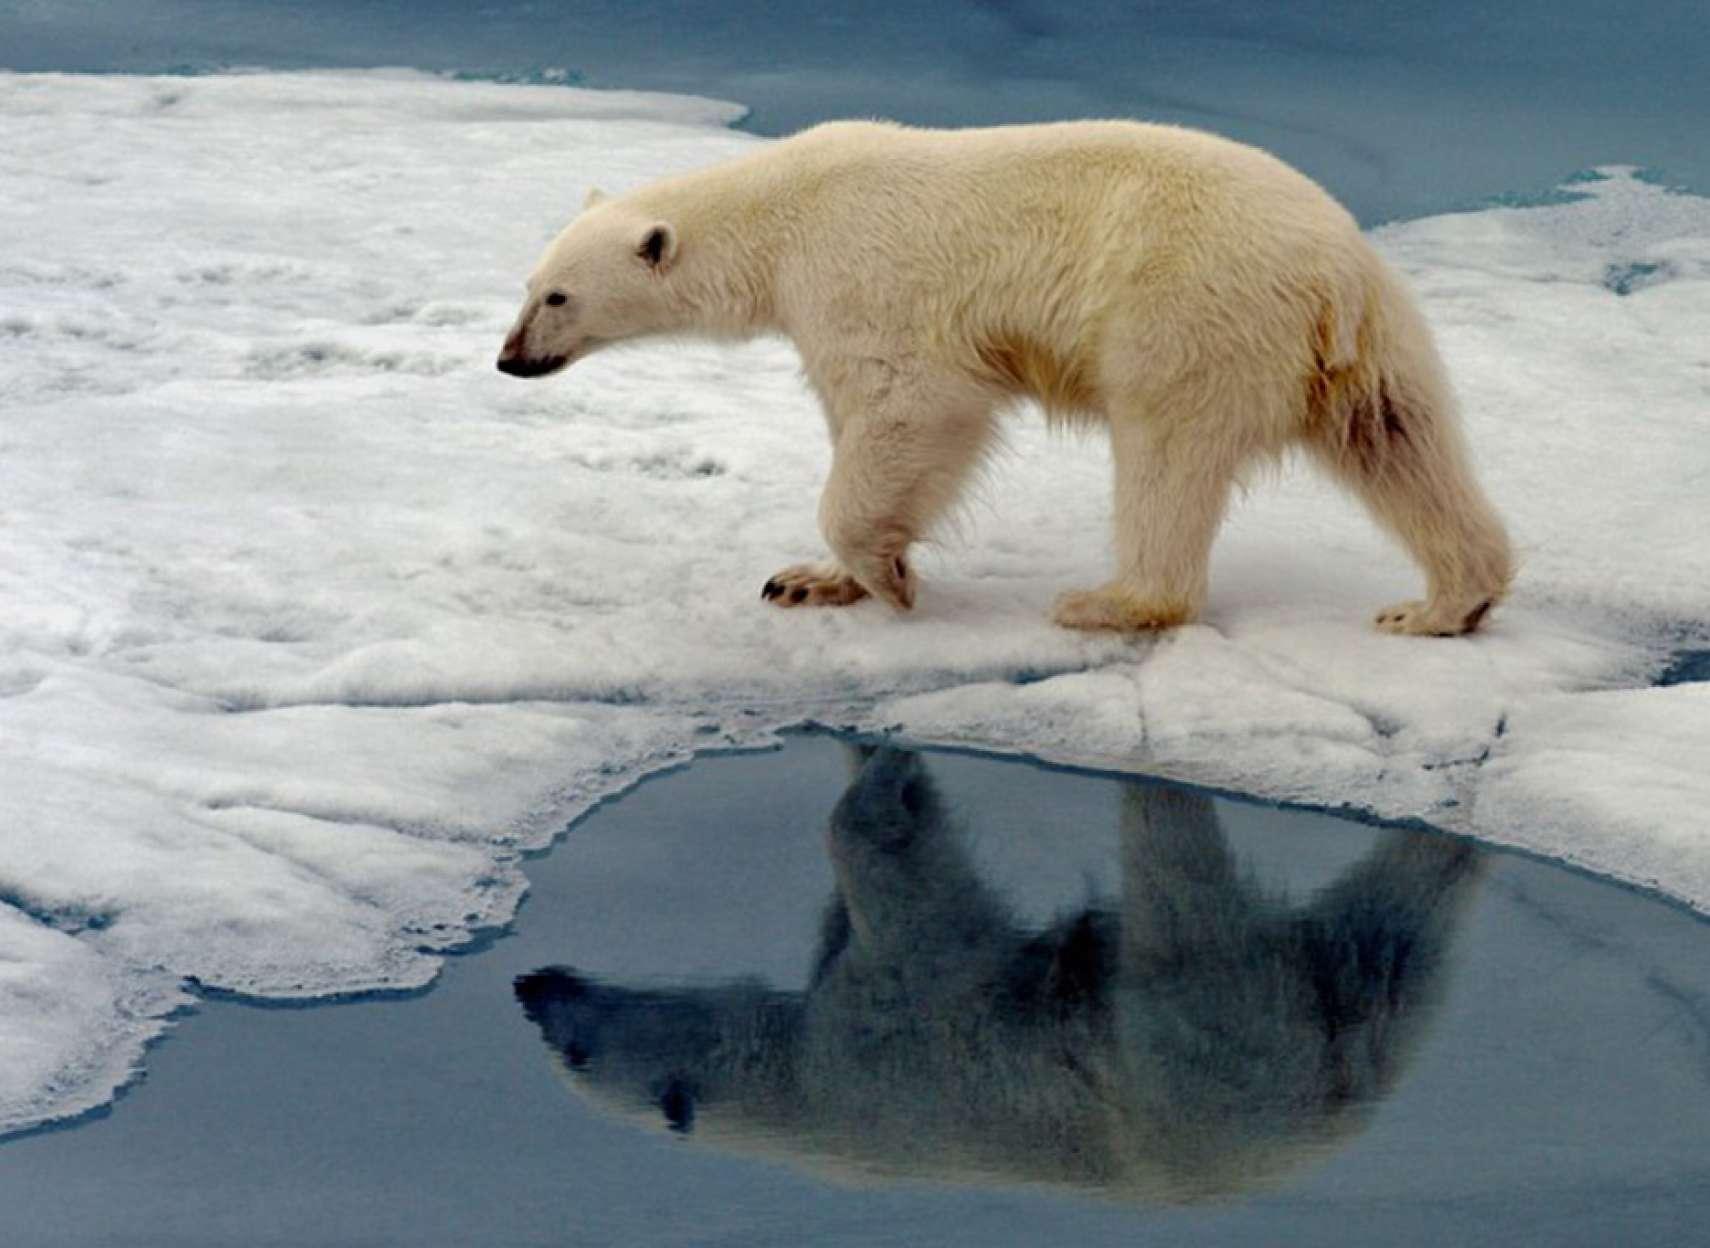 اخبار-کانادا-این-قرن-قطب-شمال-بدون-یخ-خواهد-بود